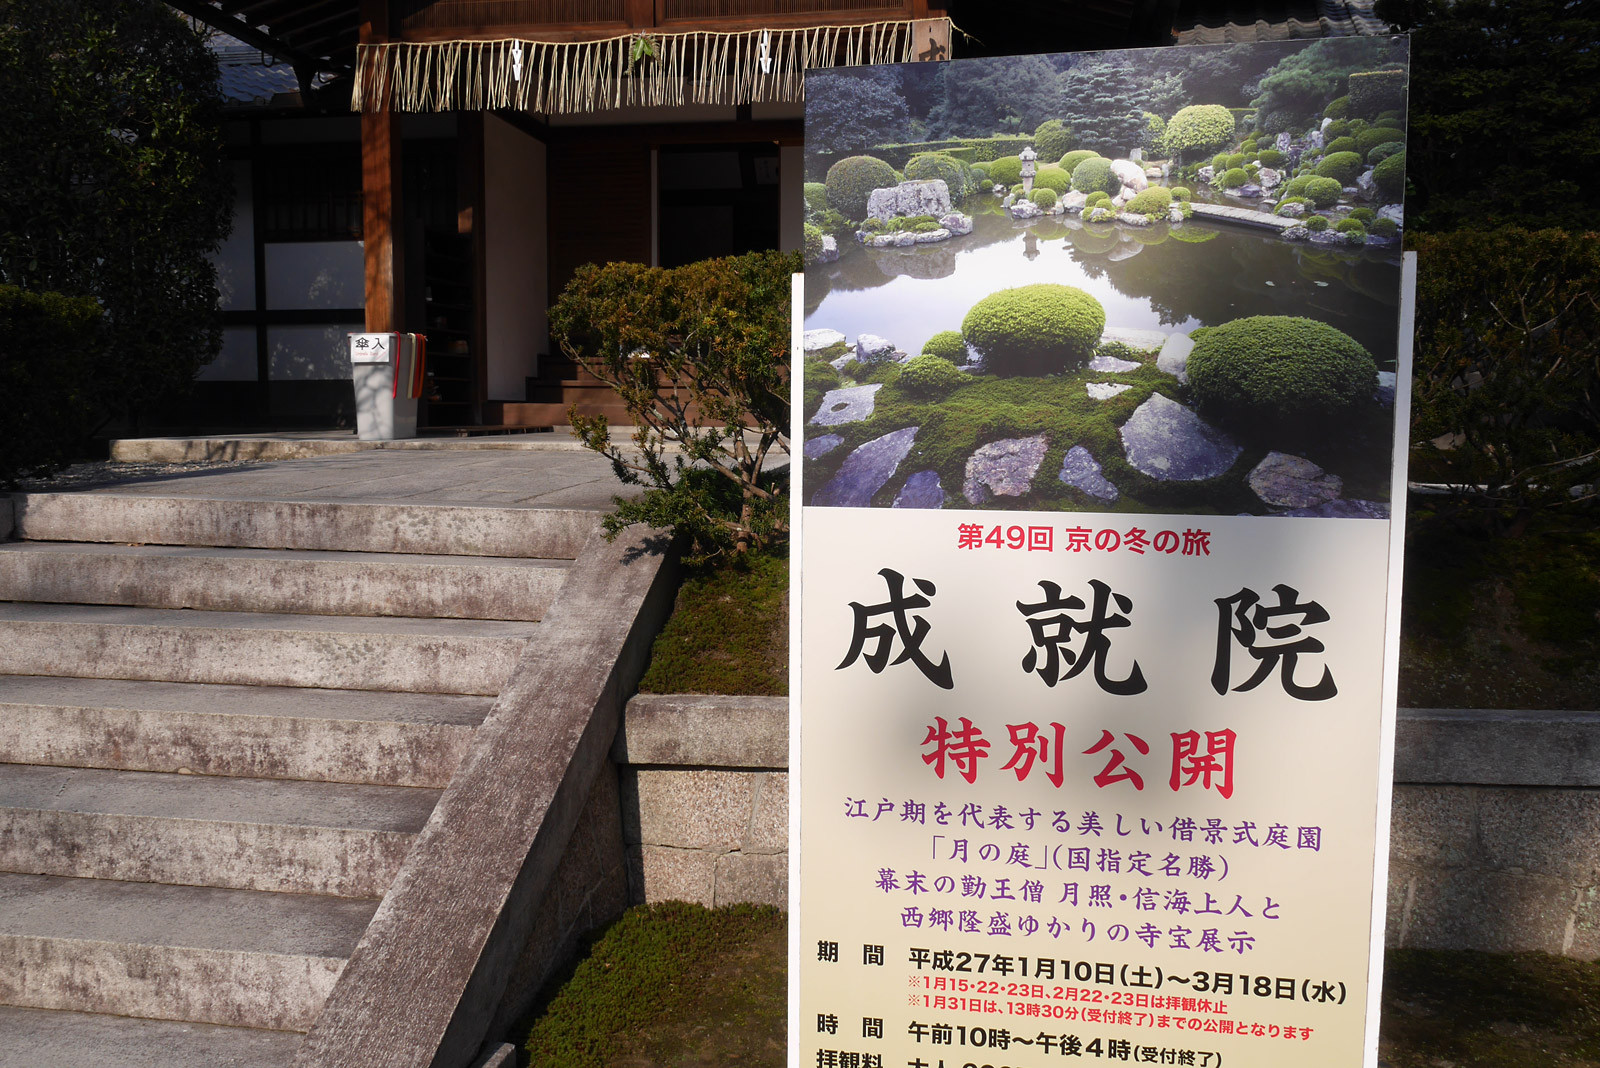 音羽山 清水寺の成就院 月の庭